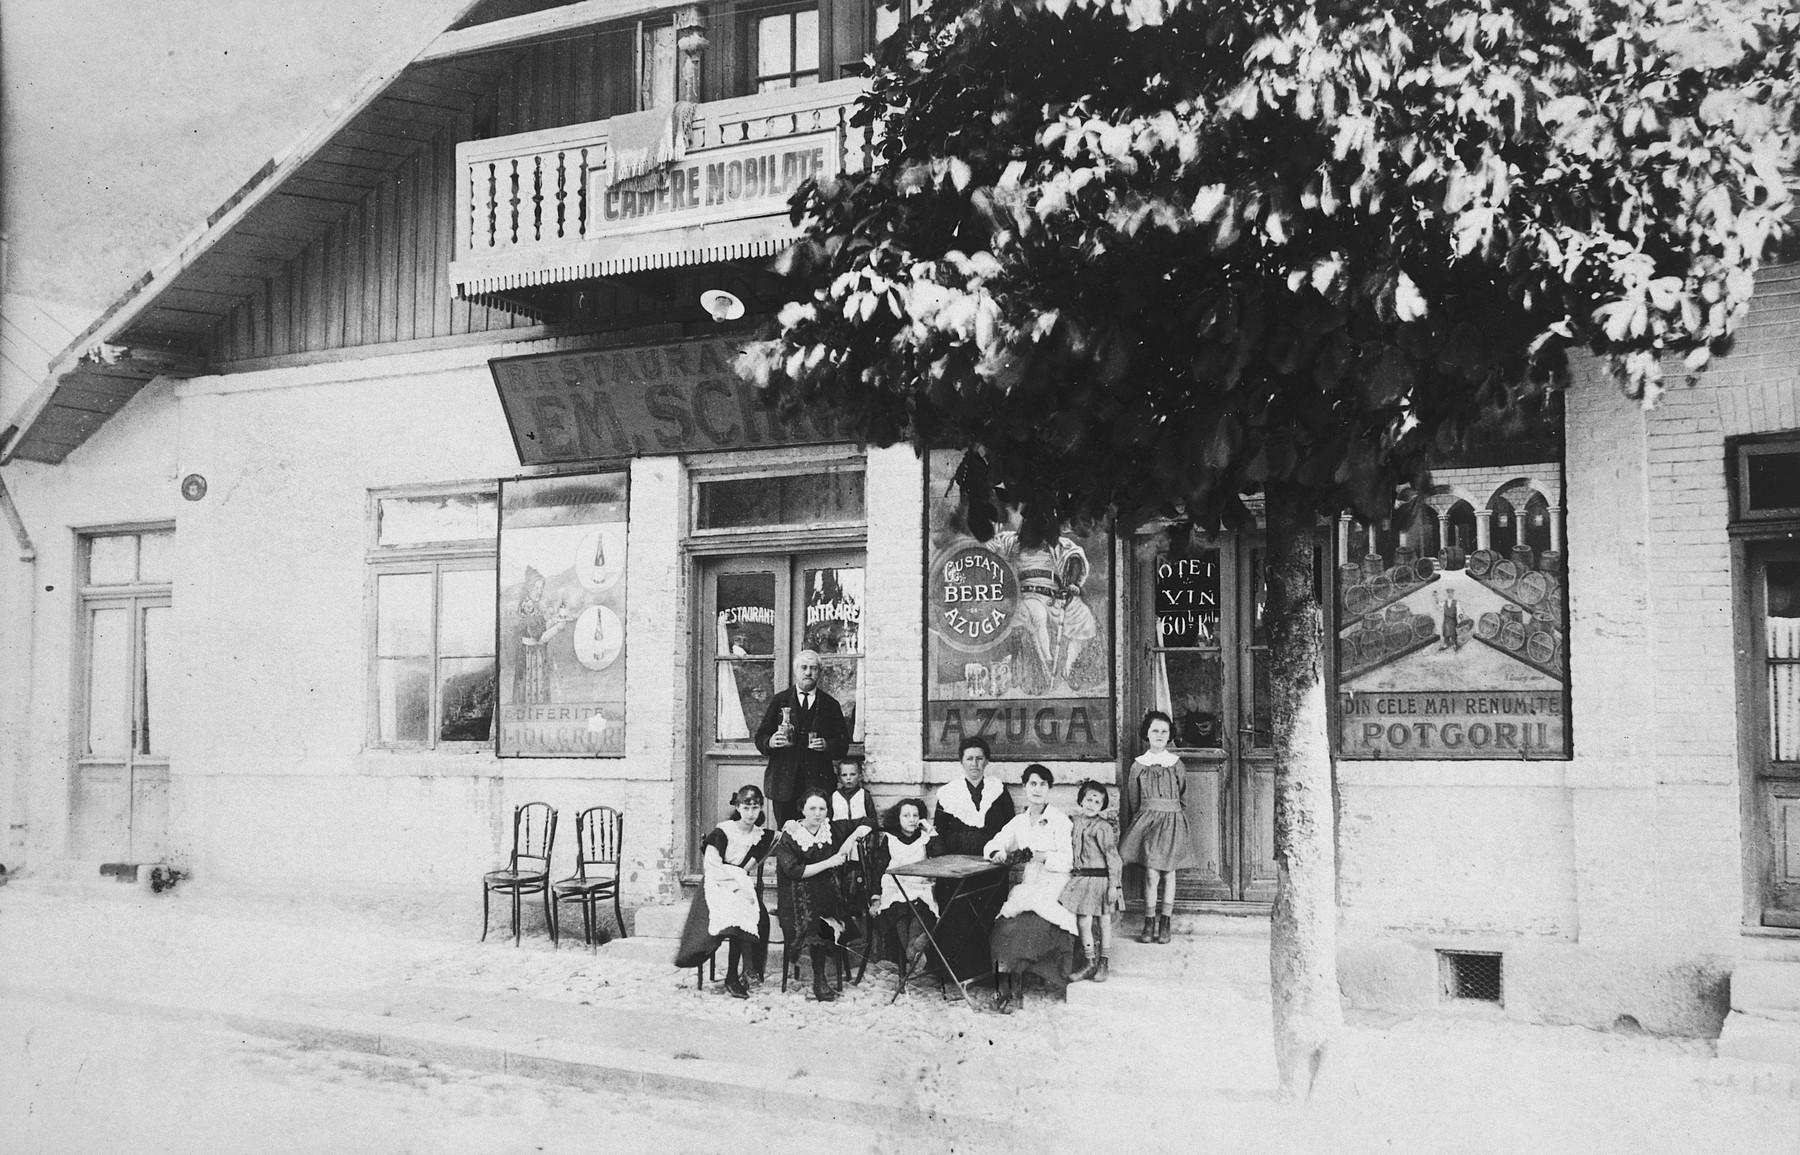 The Schreiber family poses outside their restaurant in Sinaia, Romania.